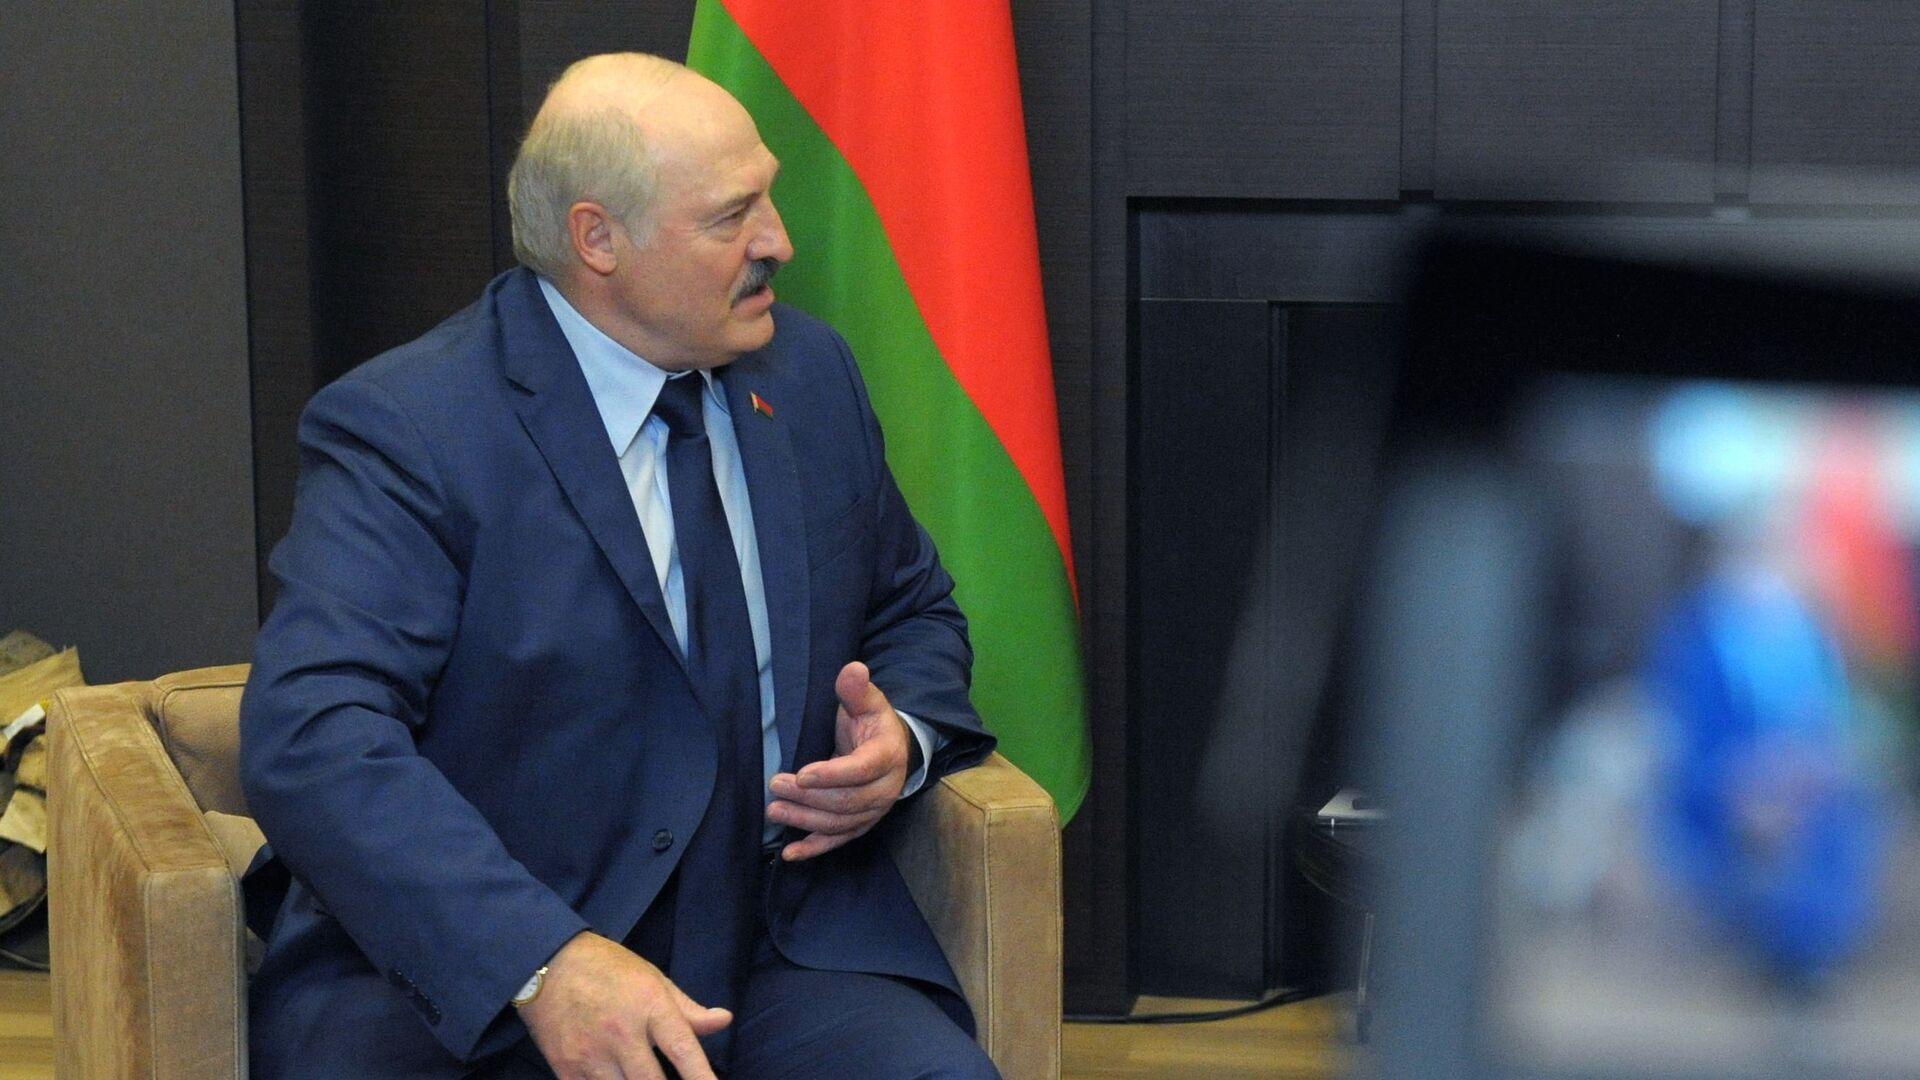 президент Белоруссии Александр Лукашенко - РИА Новости, 1920, 31.05.2021